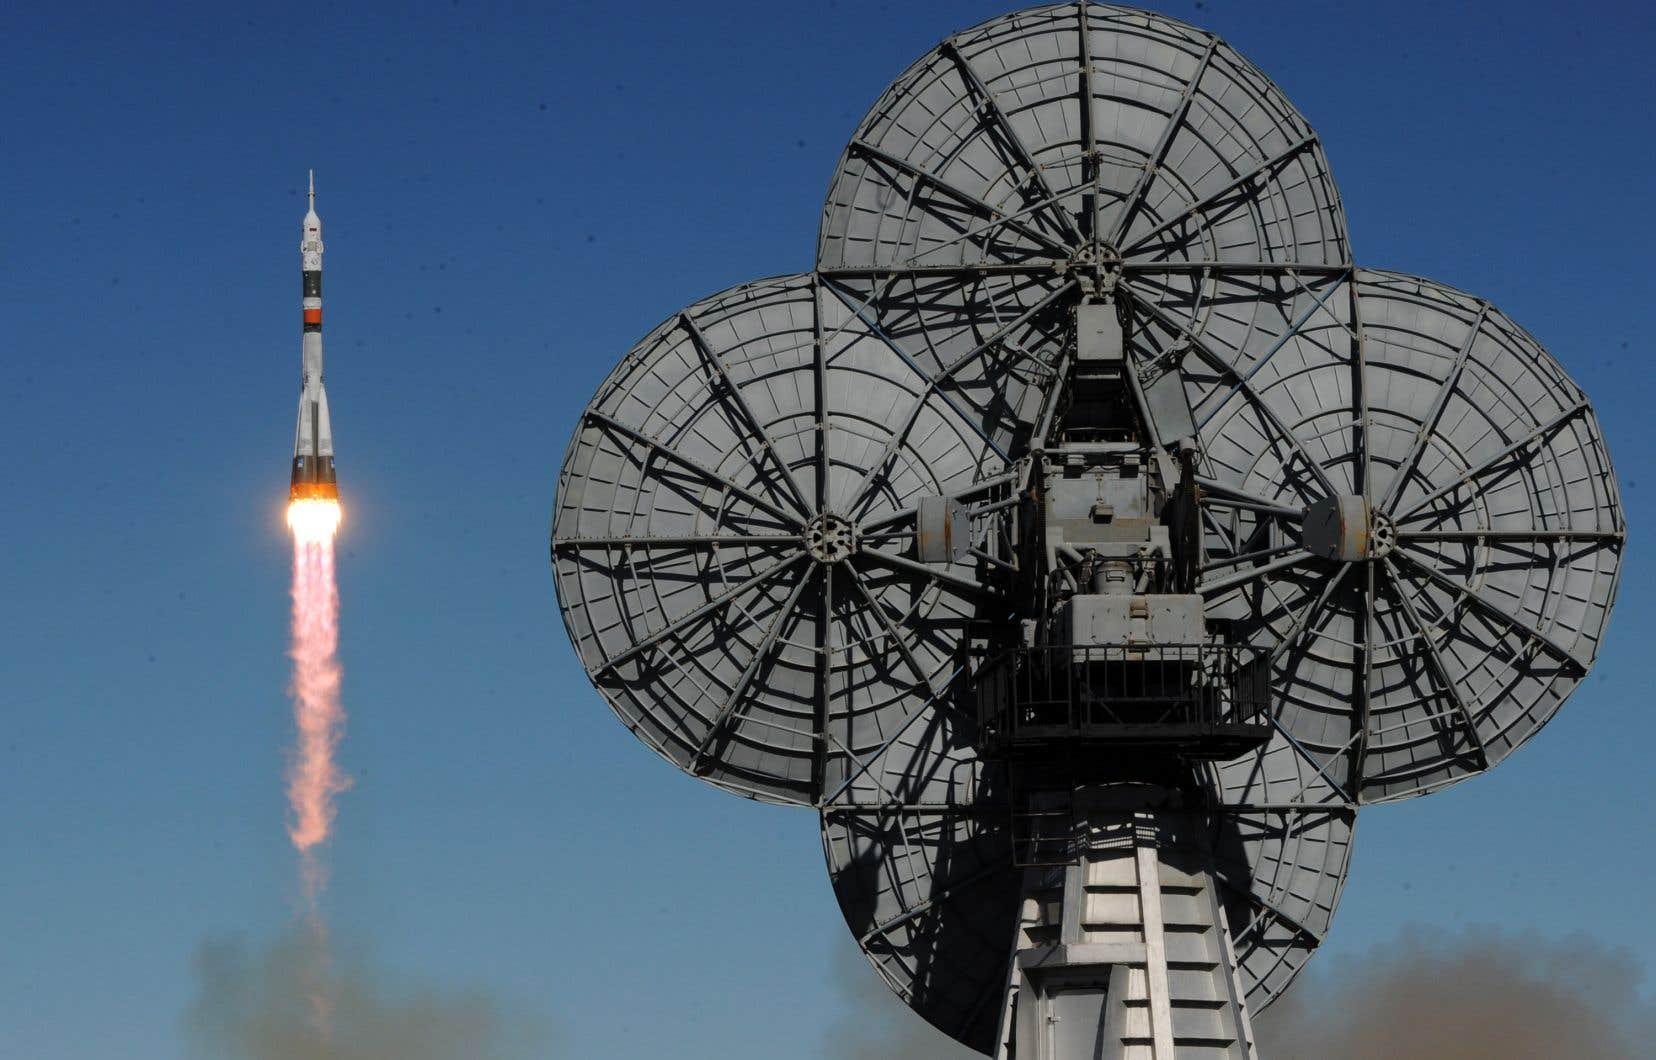 <p>L'équipage qui devrait s'envoler le 3 décembre sera composé du cosmonaute russe Oleg Kononenko, de l'astronaute américaine Anne McClain et de l'astronaute canadien David Saint-Jacques.</p>